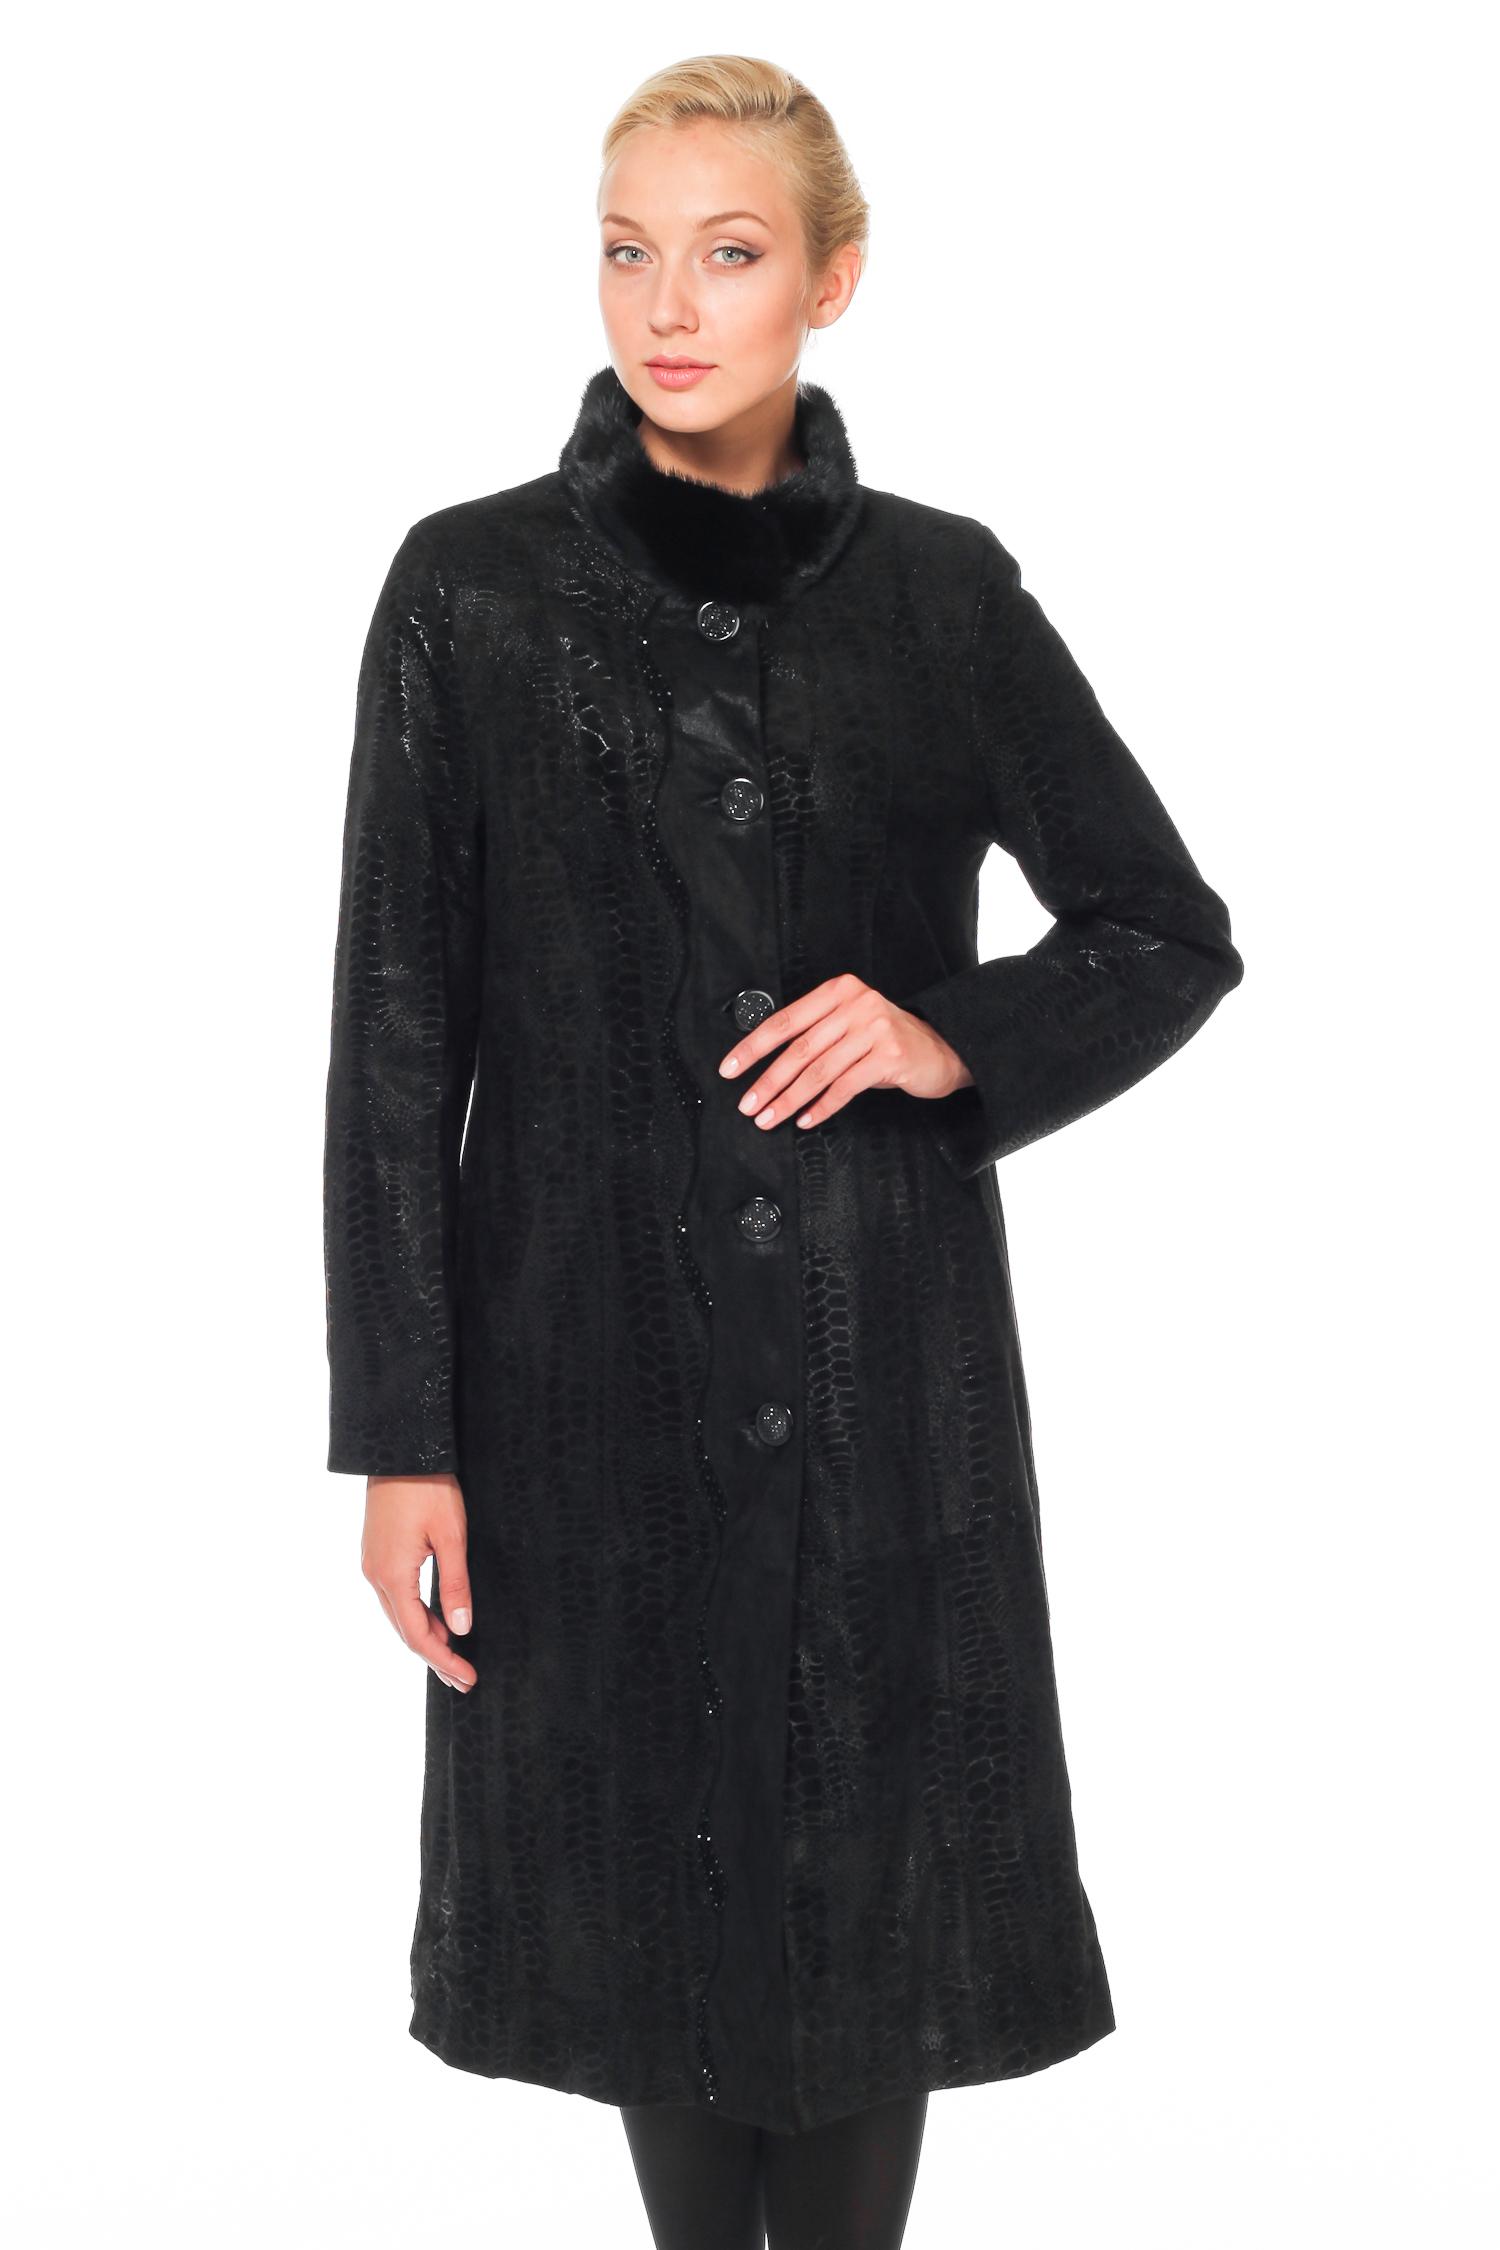 Женское кожаное пальто из натуральной замши с воротником, отделка норка<br><br>Воротник: стойка<br>Длина см: Длинная (свыше 90)<br>Материал: Замша<br>Цвет: черный<br>Пол: Женский<br>Размер RU: 48